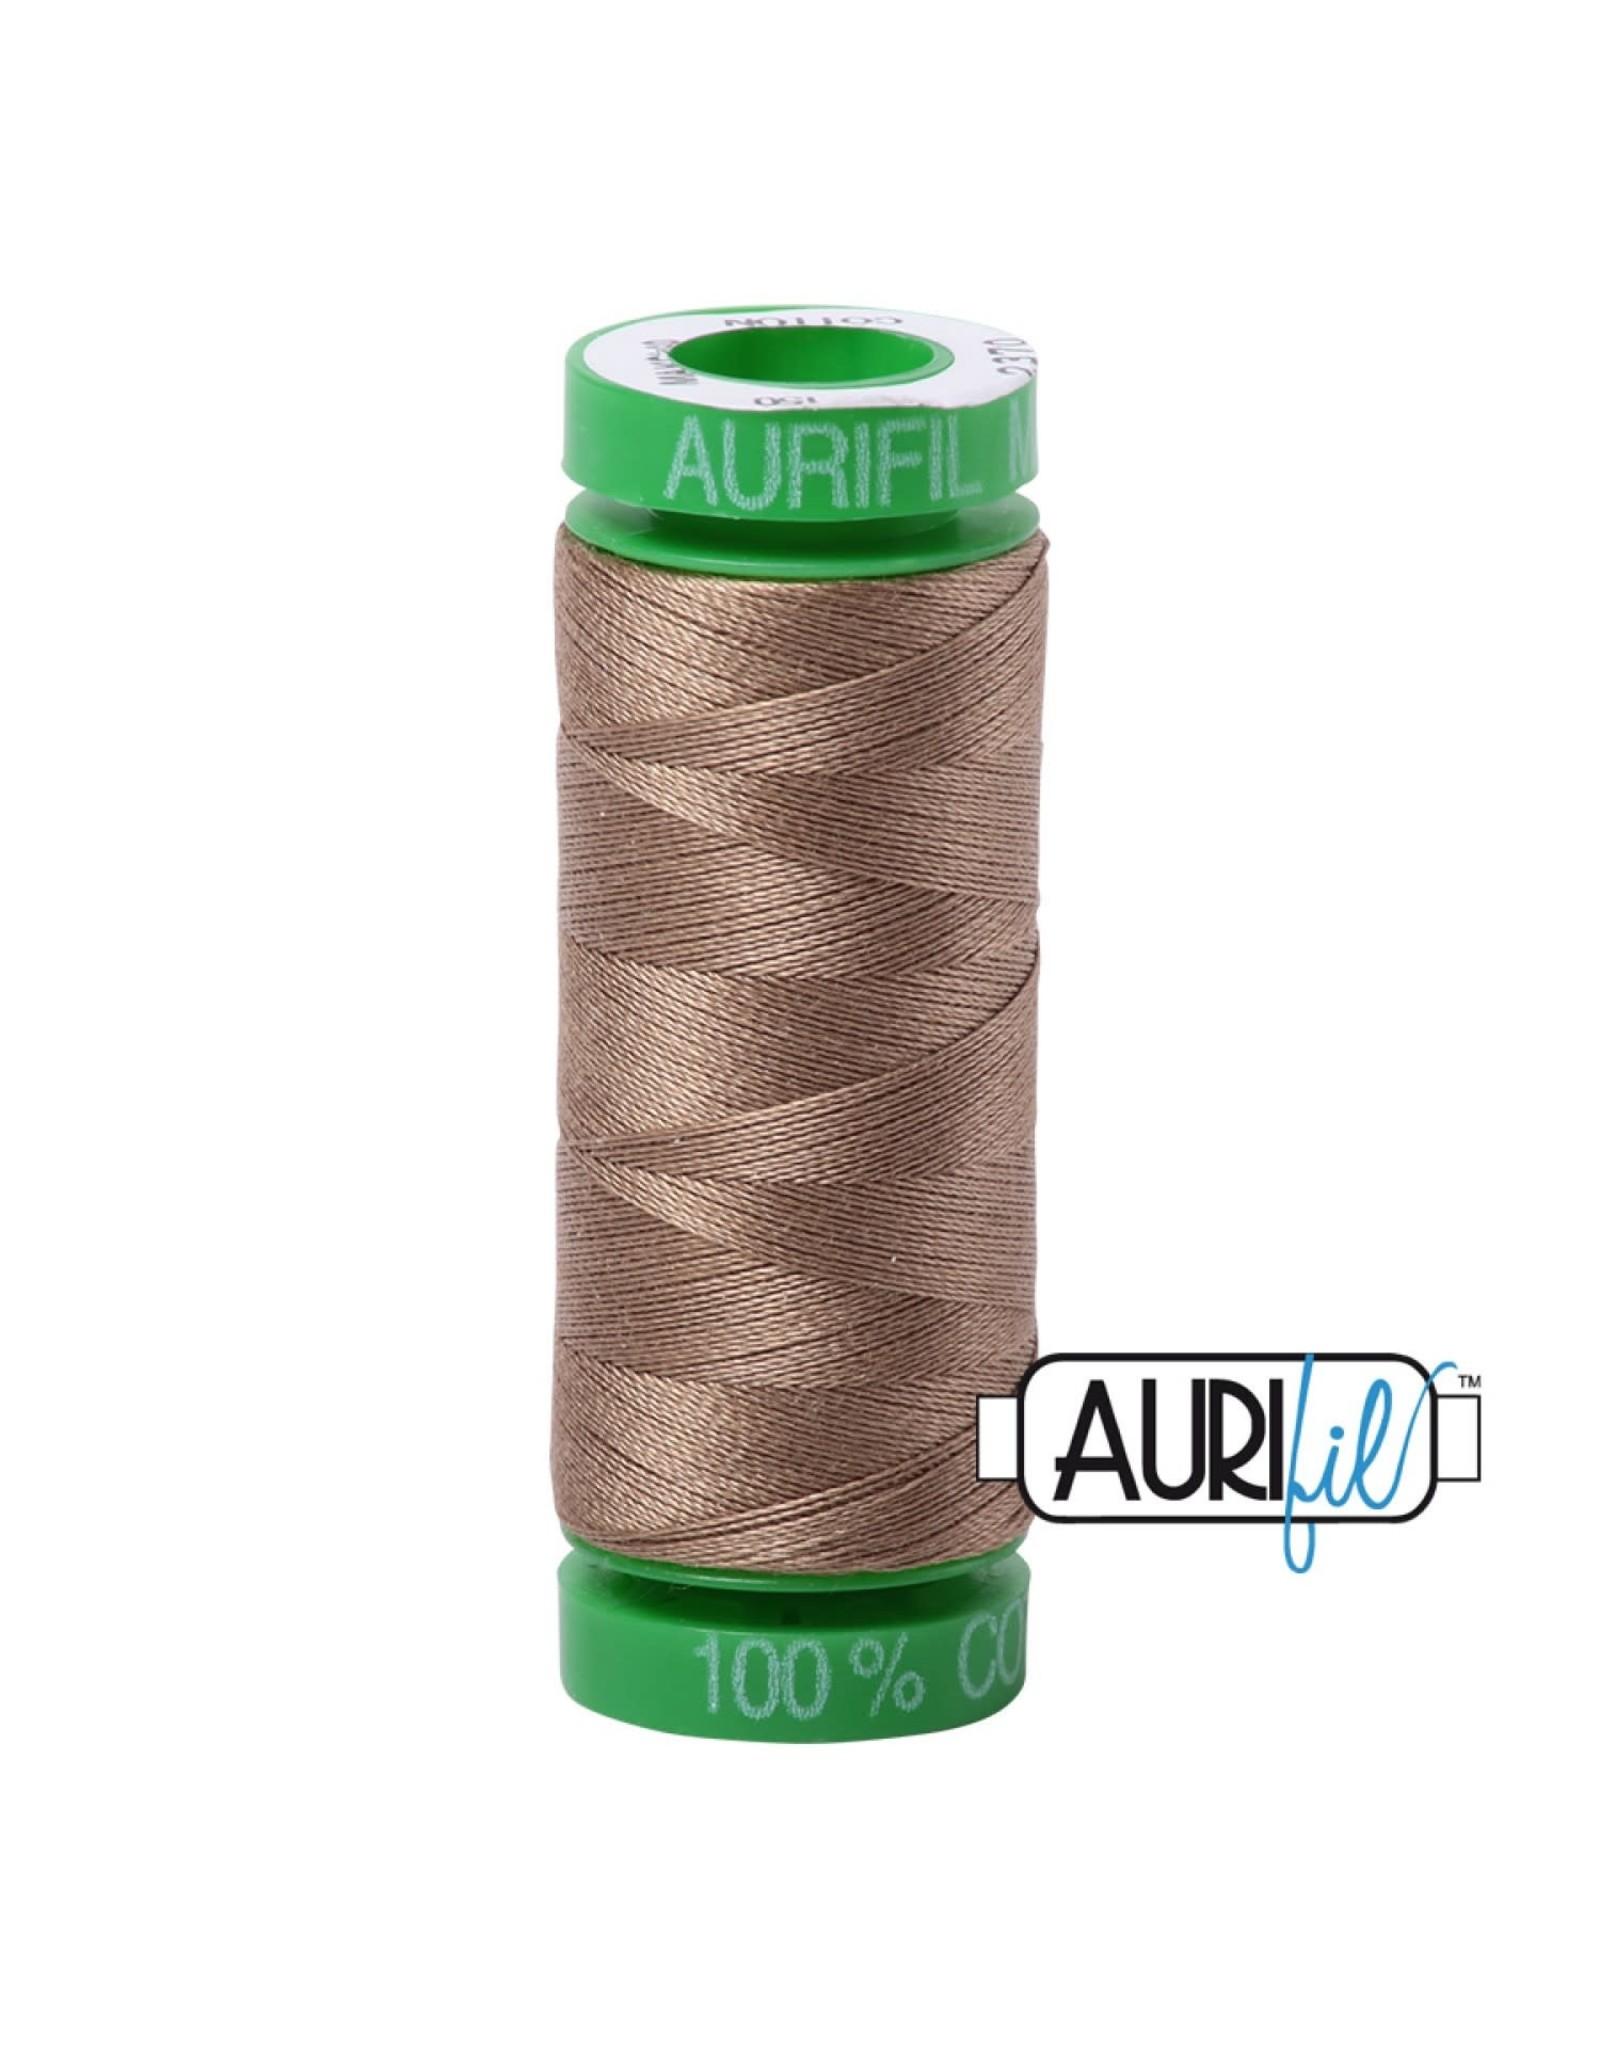 Aurifil Mako 40 - 150 m 2370 - Sandstone